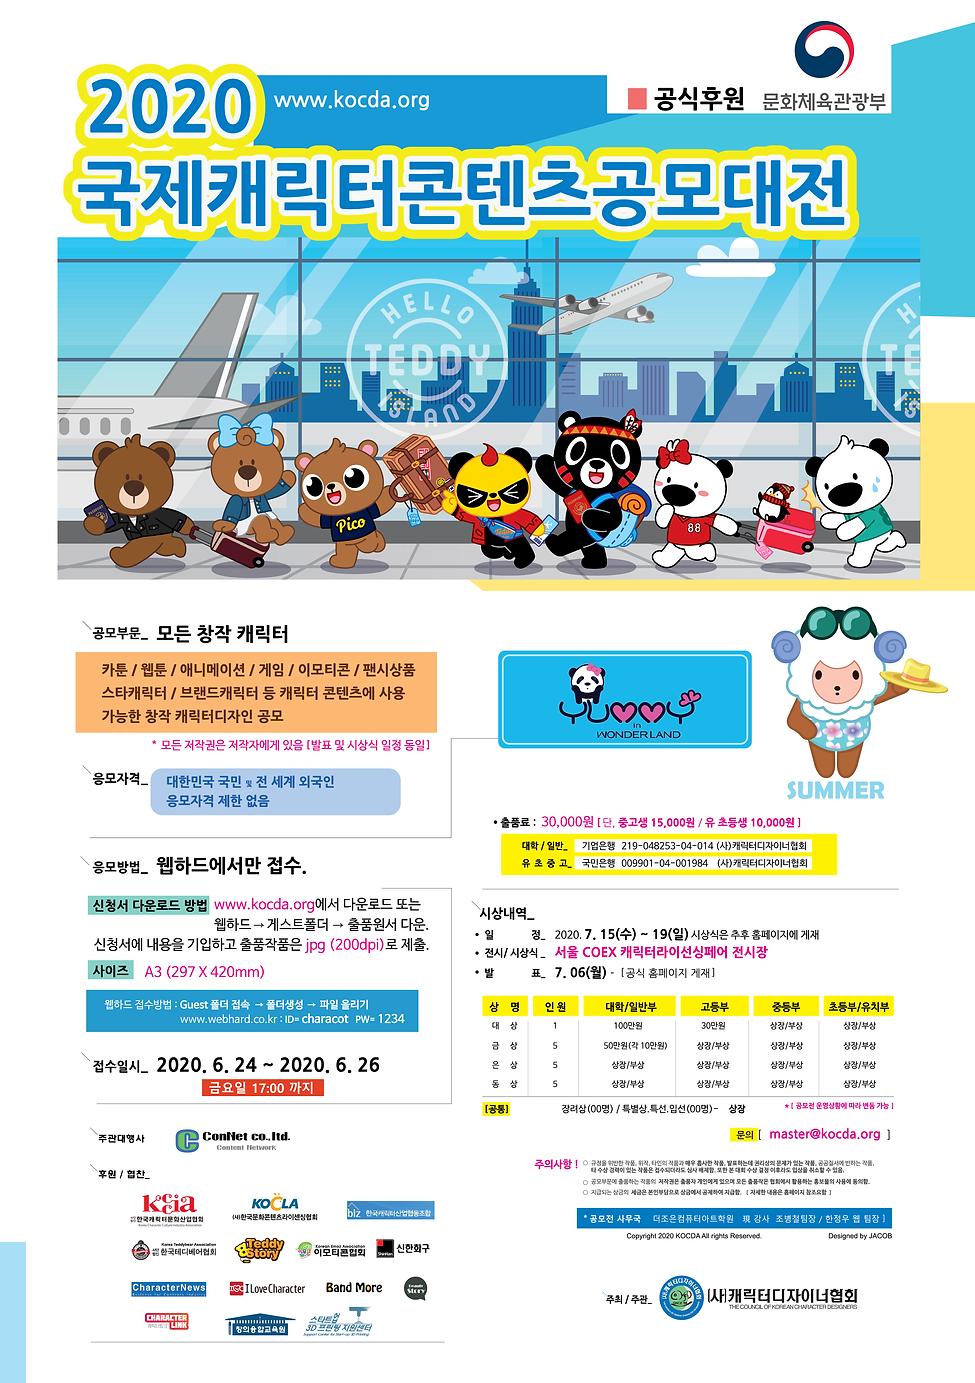 2020-국제캐릭터콘텐츠공모전포스터 Low(20200226) 송낙웅.pn